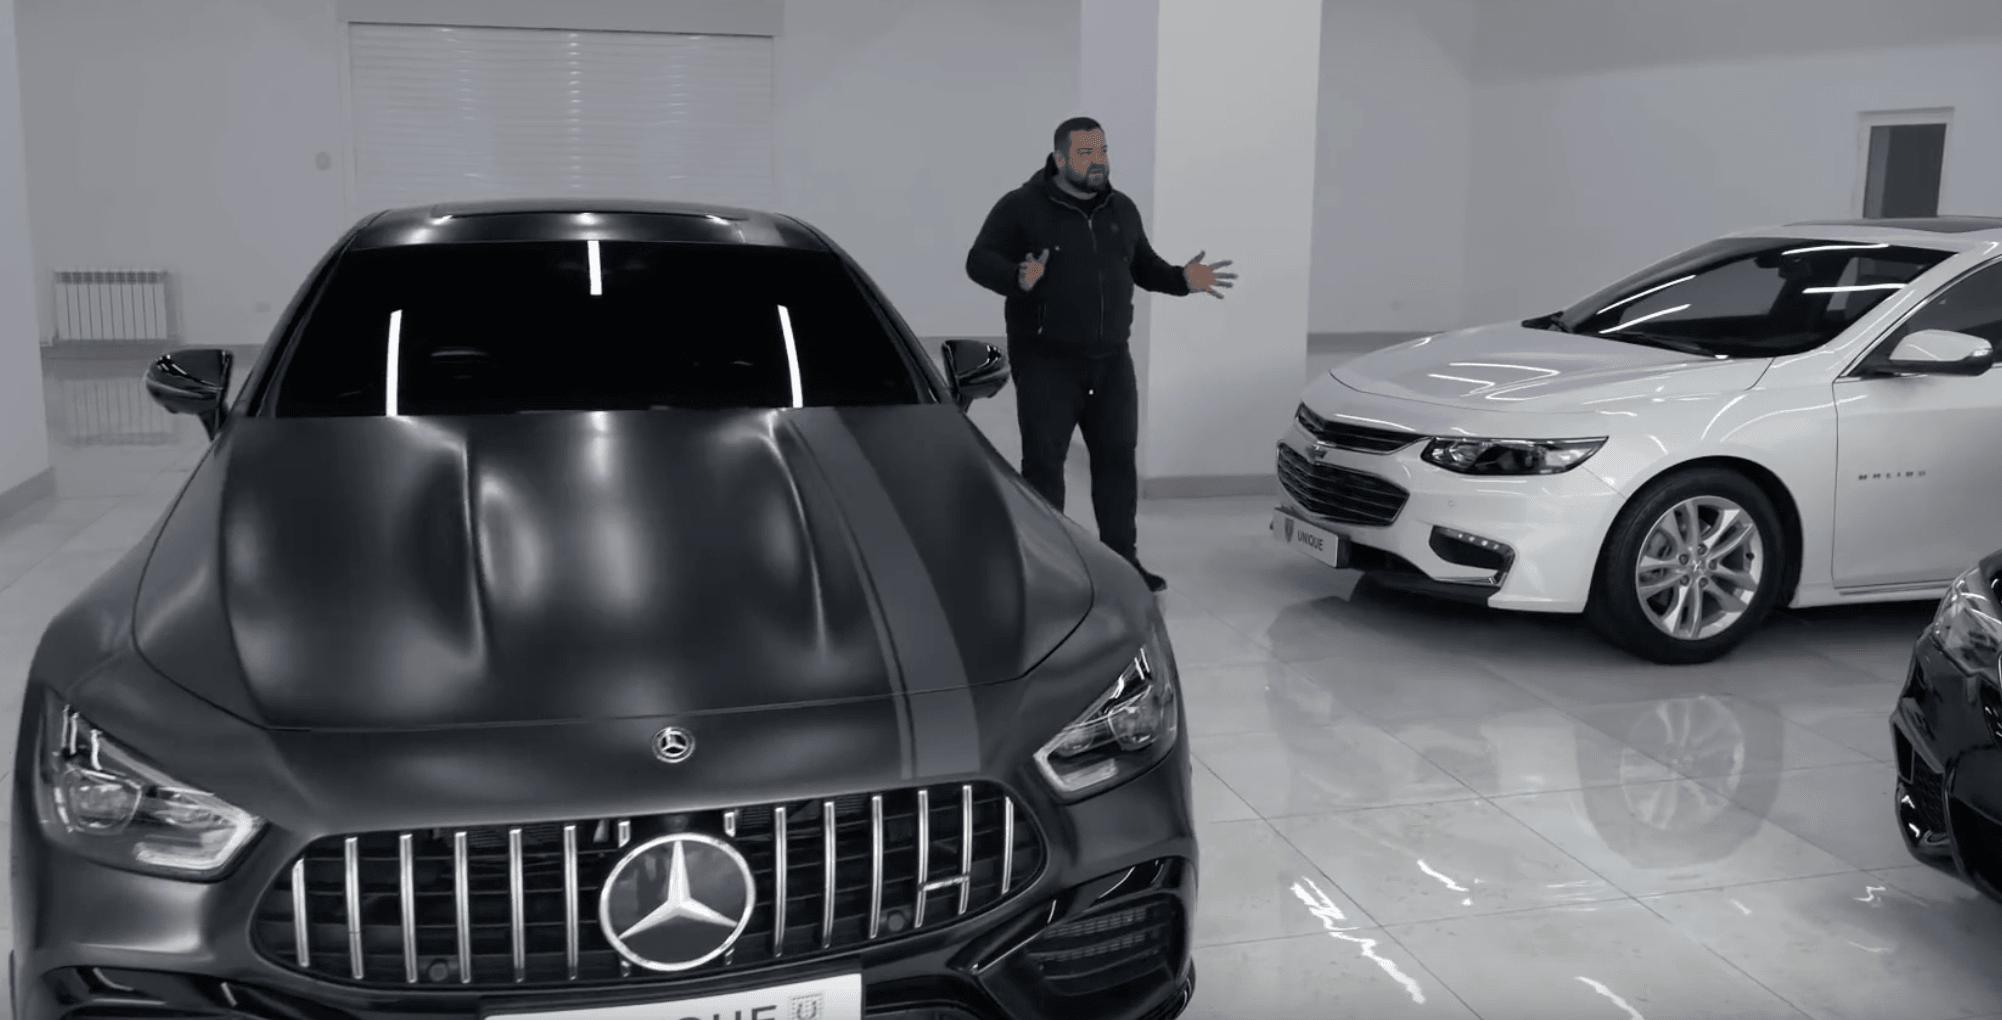 Давыдыч выпустил обзор Mercedes Benz AMG GT 63 S, снятый в Узбекистане (видео)